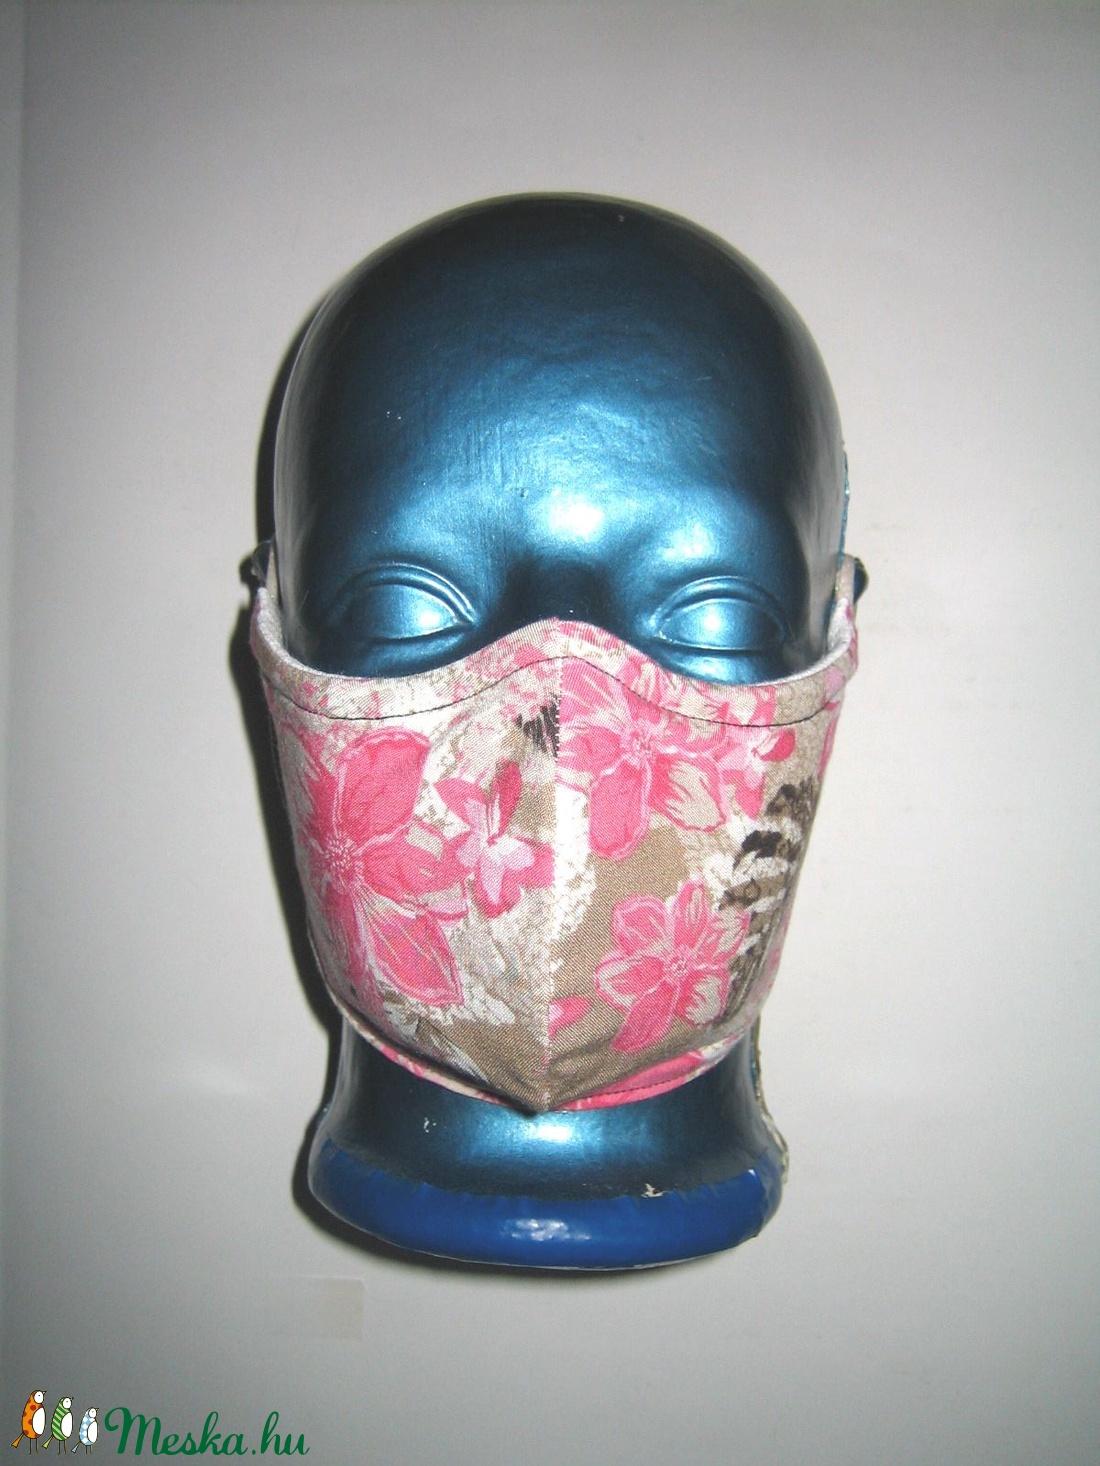 Virágos drótos egyedi szájmaszk állítható gumival orrmerevítős arcmaszk biciklis maszk  - maszk, arcmaszk - női - Meska.hu